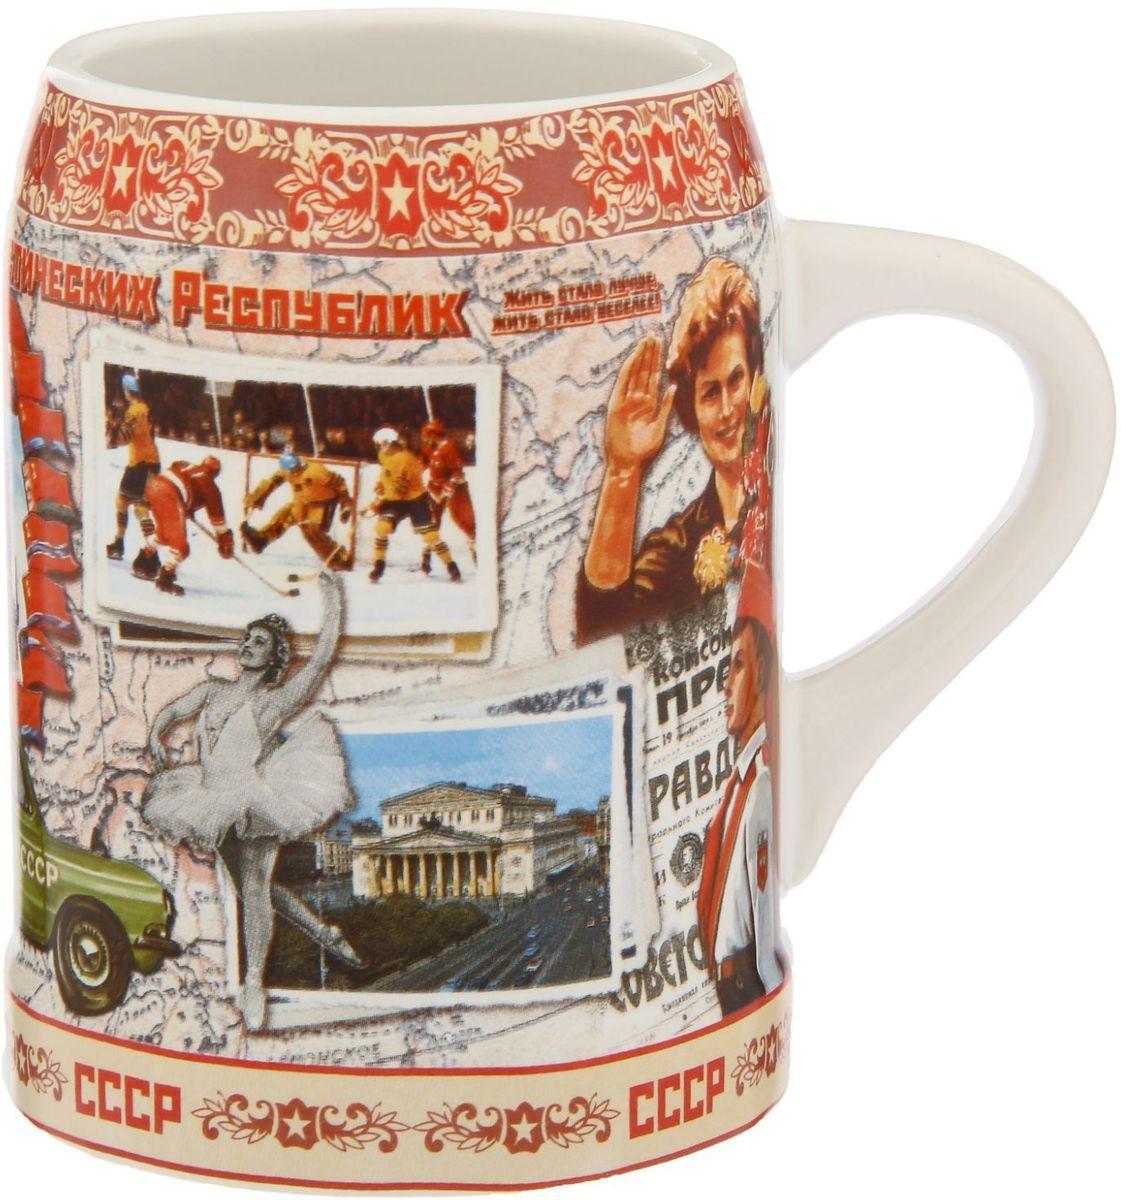 """Пейте пиво пенное!Сегодня кружка — это не просто предмет посуды. Это произведение искусства в разных его проявлениях и для разных целей. Например, любители пива знают наверняка, что хмельной напиток становится ещё вкусней, если пить его из любимого бокала.Пивная кружка Sima-land """"СССР"""" сделает посиделки с друзьями ещё душевнее и веселее. Она непременно понравится людям с хорошим чувством юмора. Изделие покрыто ярким авторским рисунком, что делает его по-настоящему уникальным. Удобная форма бокала, чуть суженная у края, оставит игривые пенные пузырьки внутри, сохранив вместе с ними аромат любимого напитка.Прекрасно подойдёт в качестве подарка друзьям или приятного дополнения к застолью в хорошей компании.Упакована в картонную подарочную коробочку с прозрачным окном."""